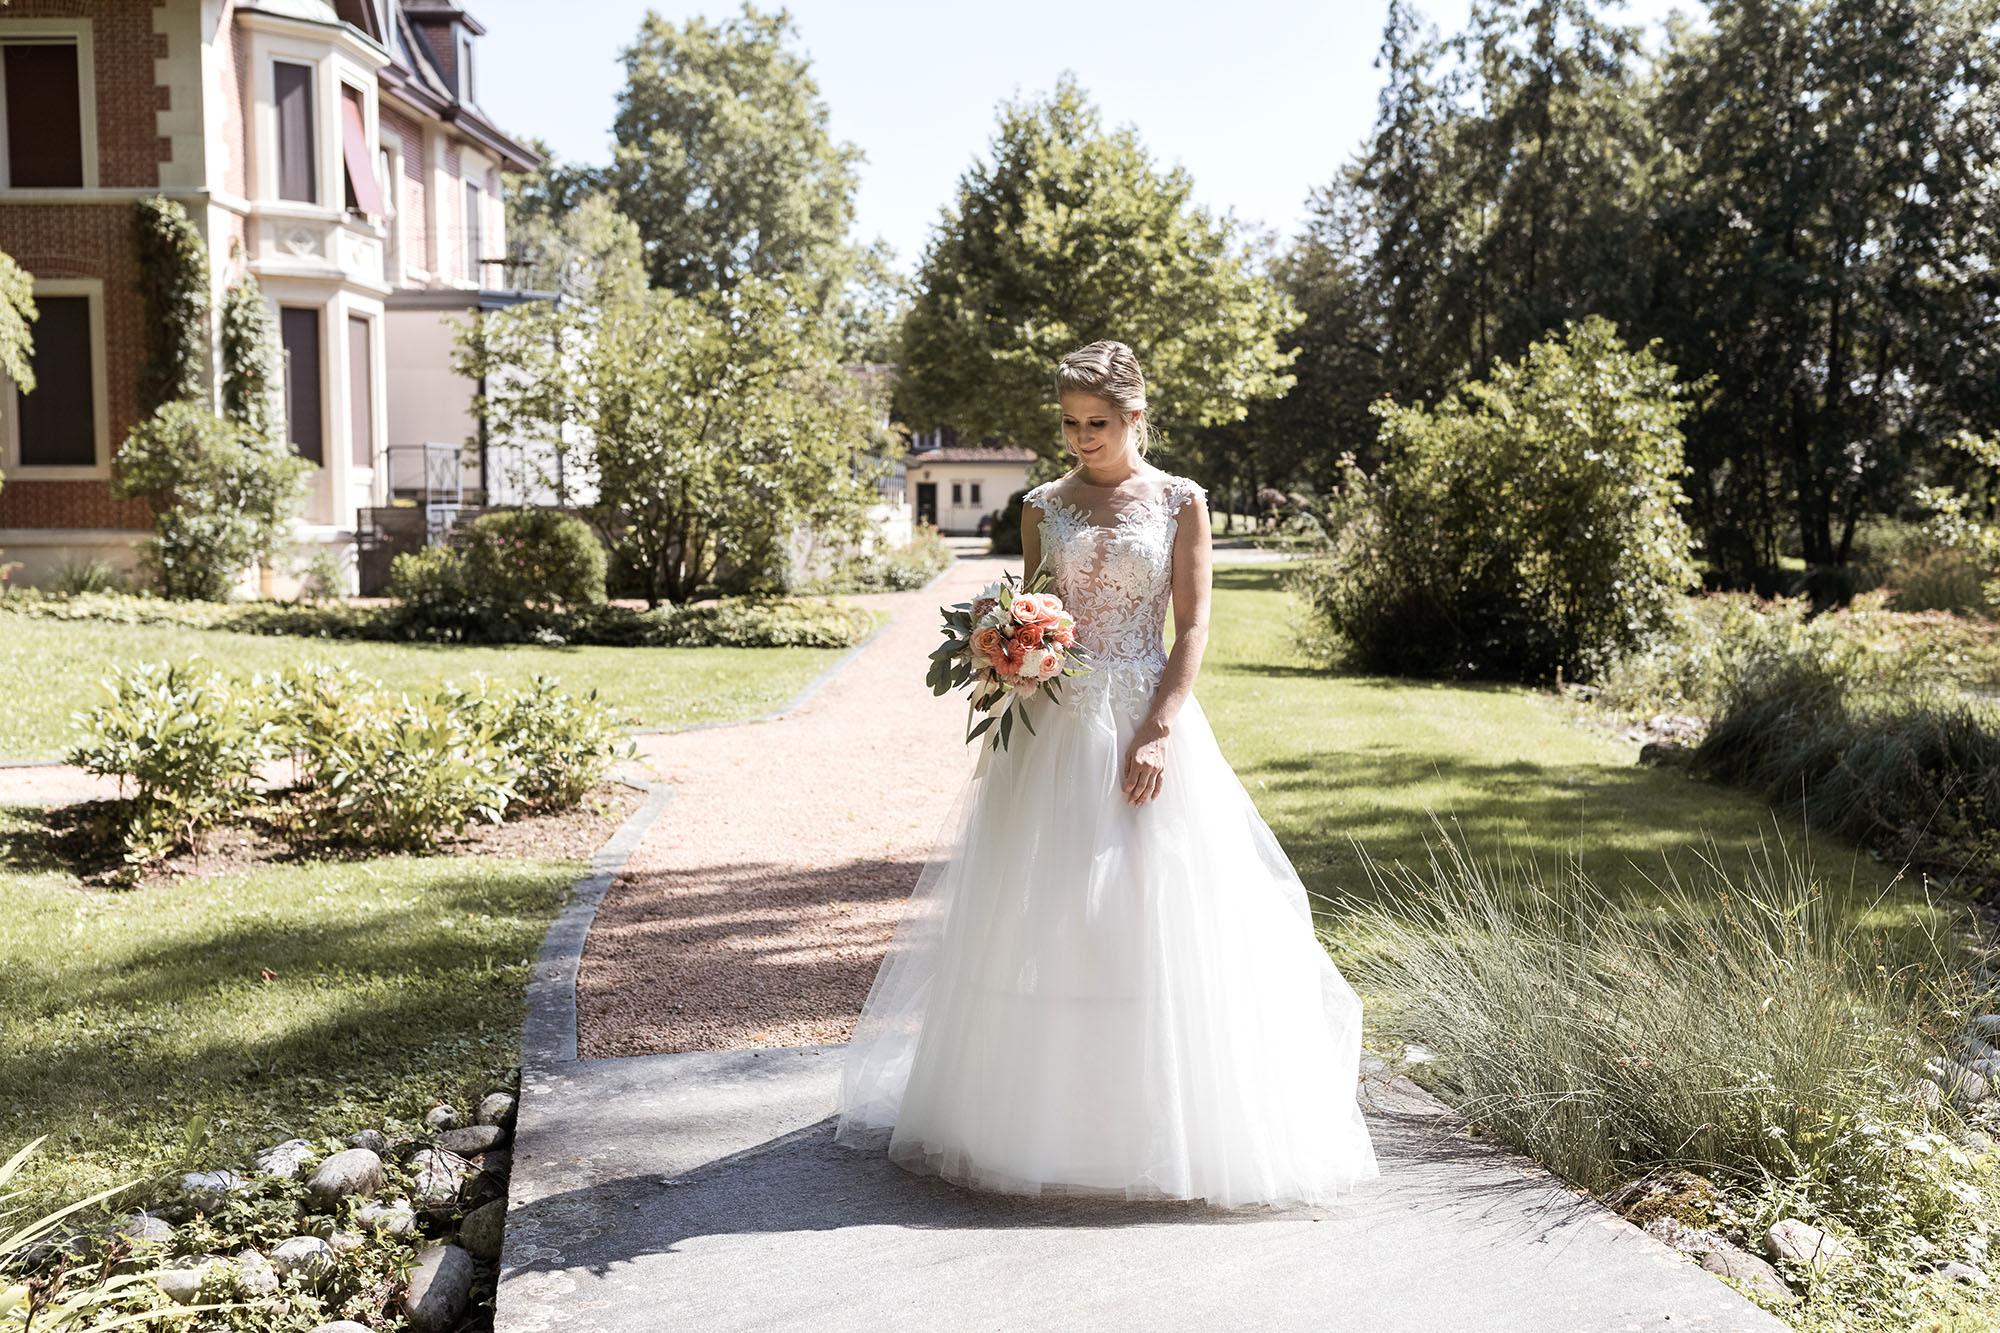 Hochzeit im Hirzen Pavillon - Das Brautpaar Fotoshooting in der Natur - Die Braut - Hochzeitsfotograf Basel